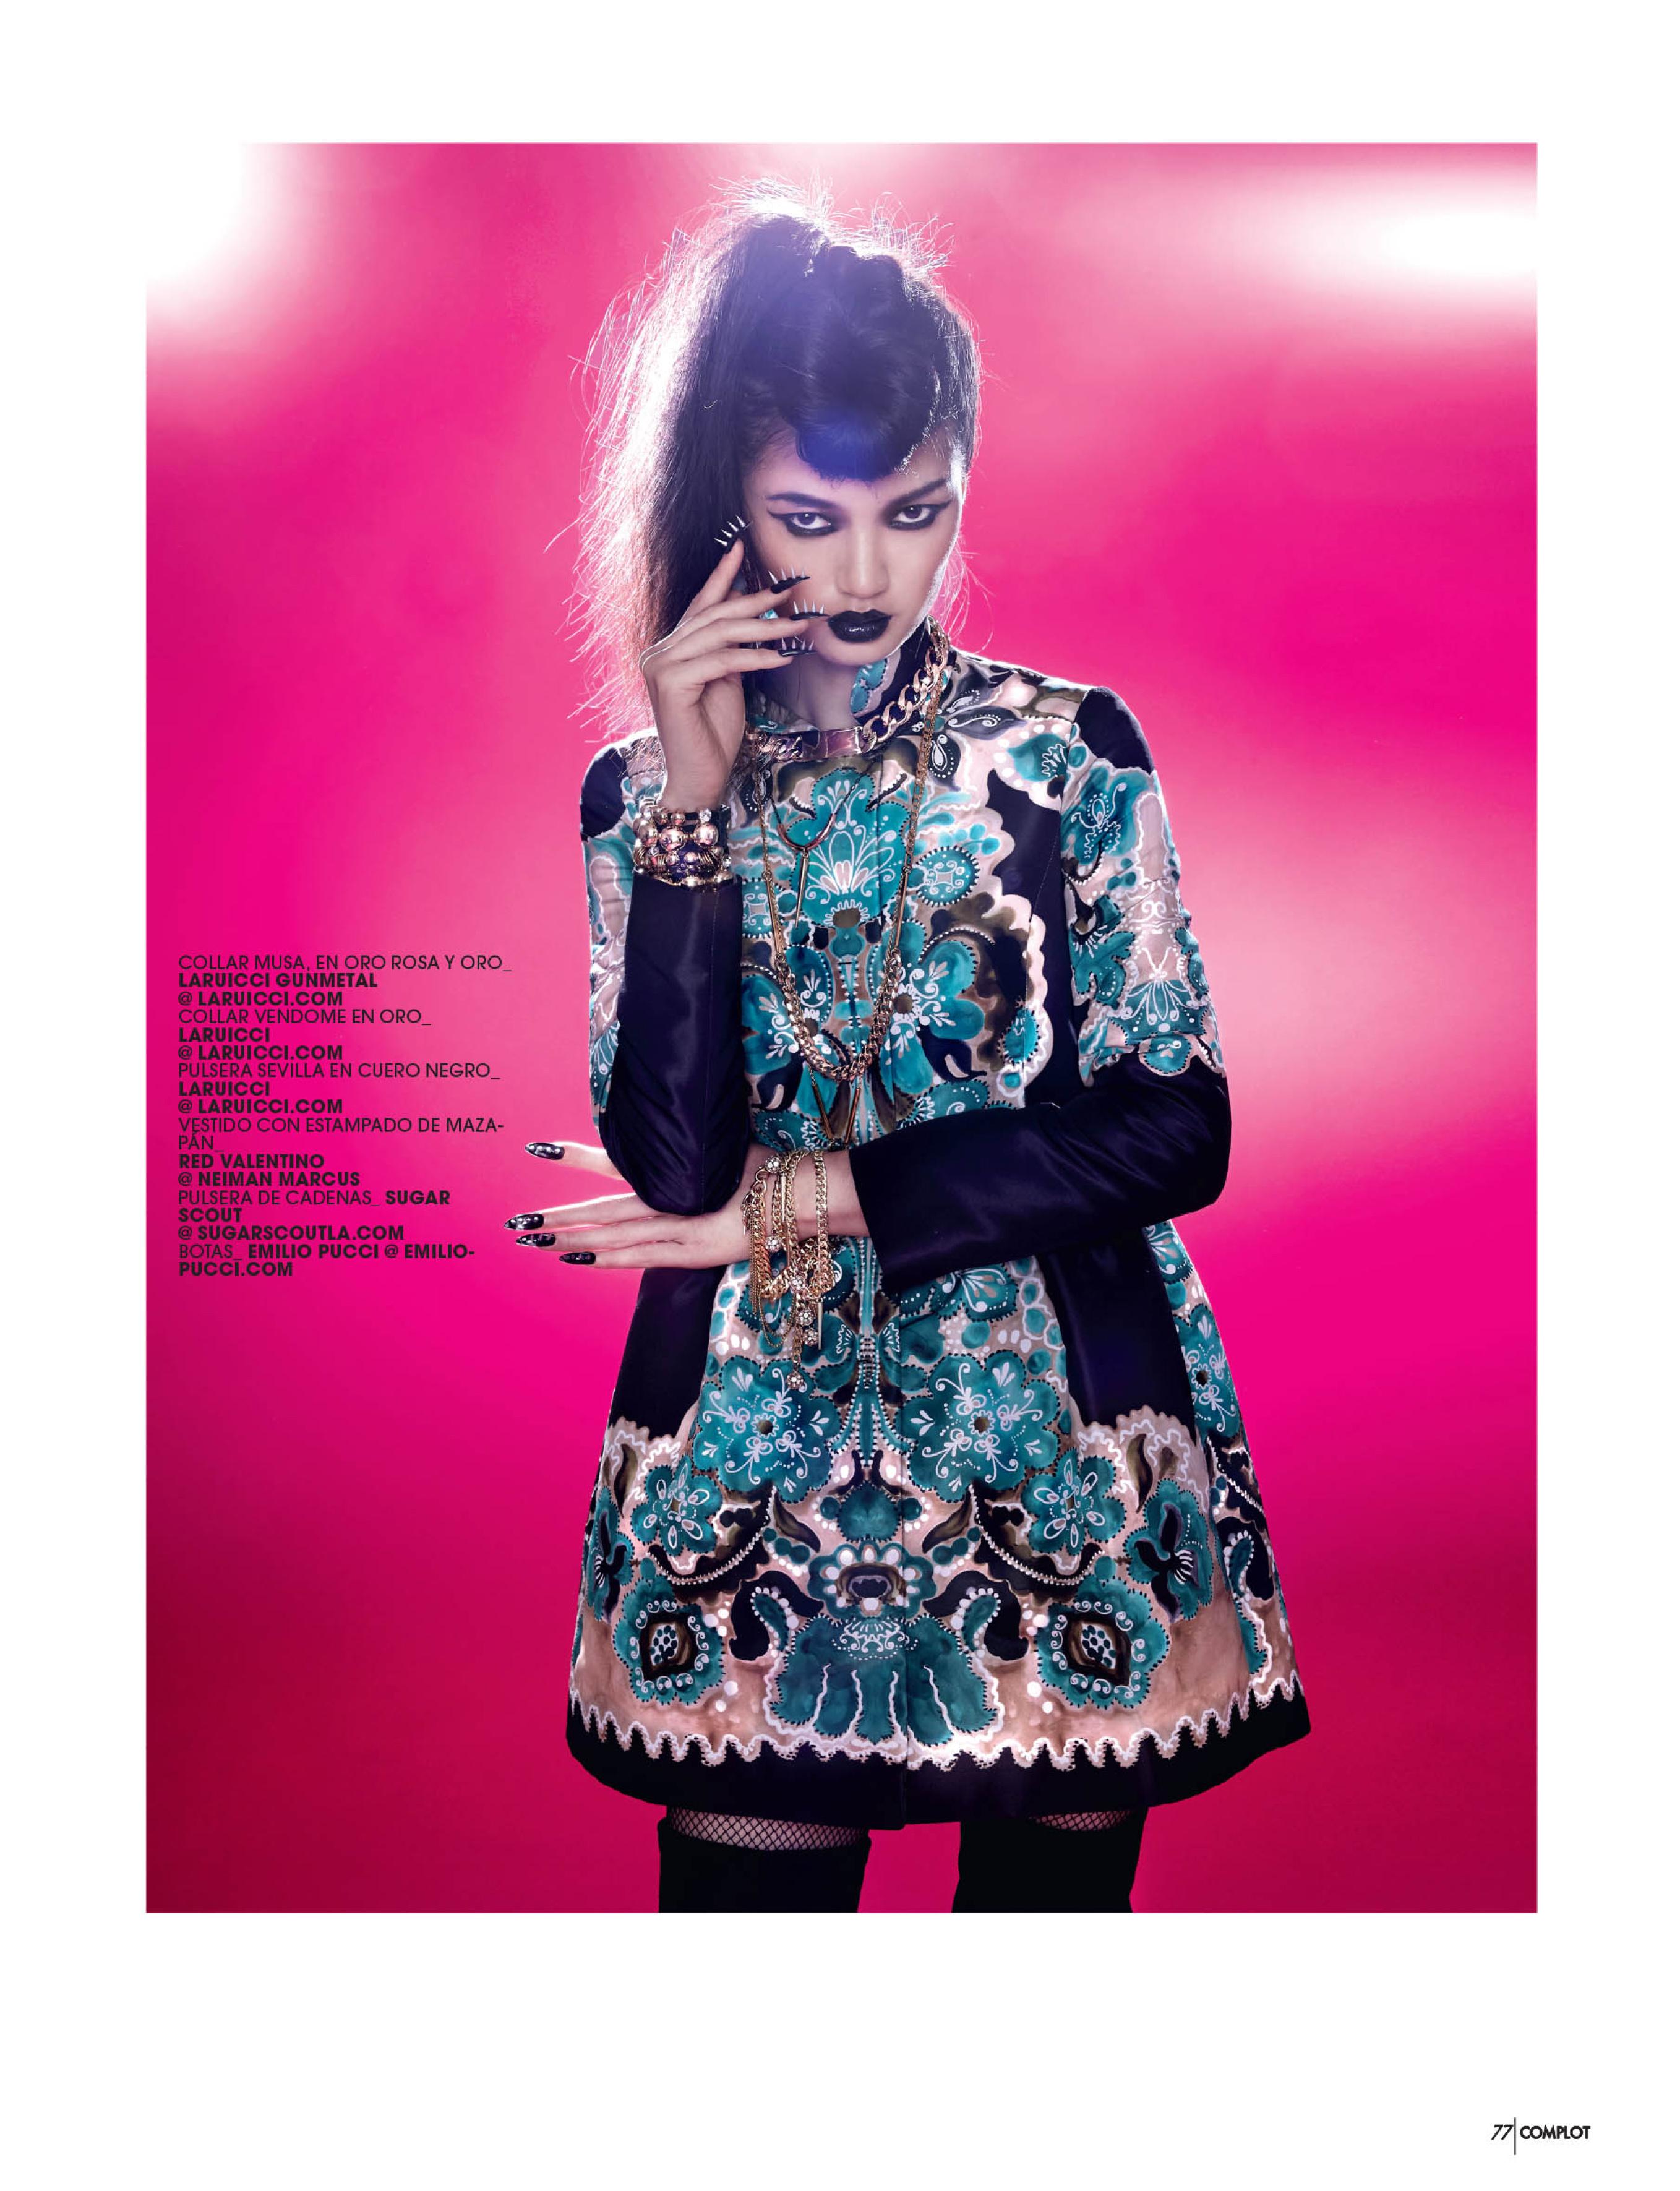 fashion 126-4 copy 2.jpg